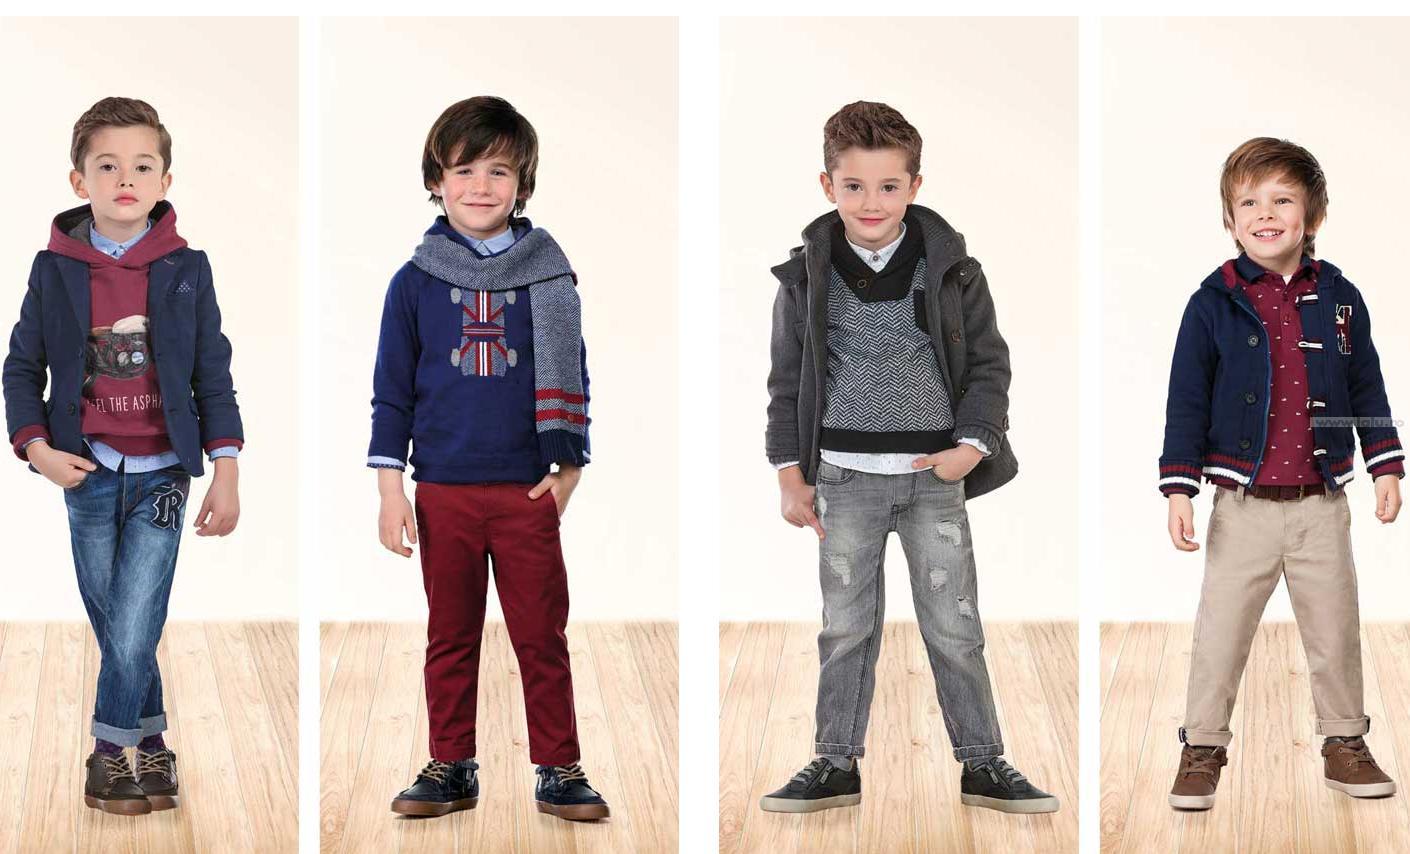 Descopera colectia Fashion Days de haine pentru baieti de la branduri de top! Comanda online piese de sezon % originale. 30 de zile retur gratuit.